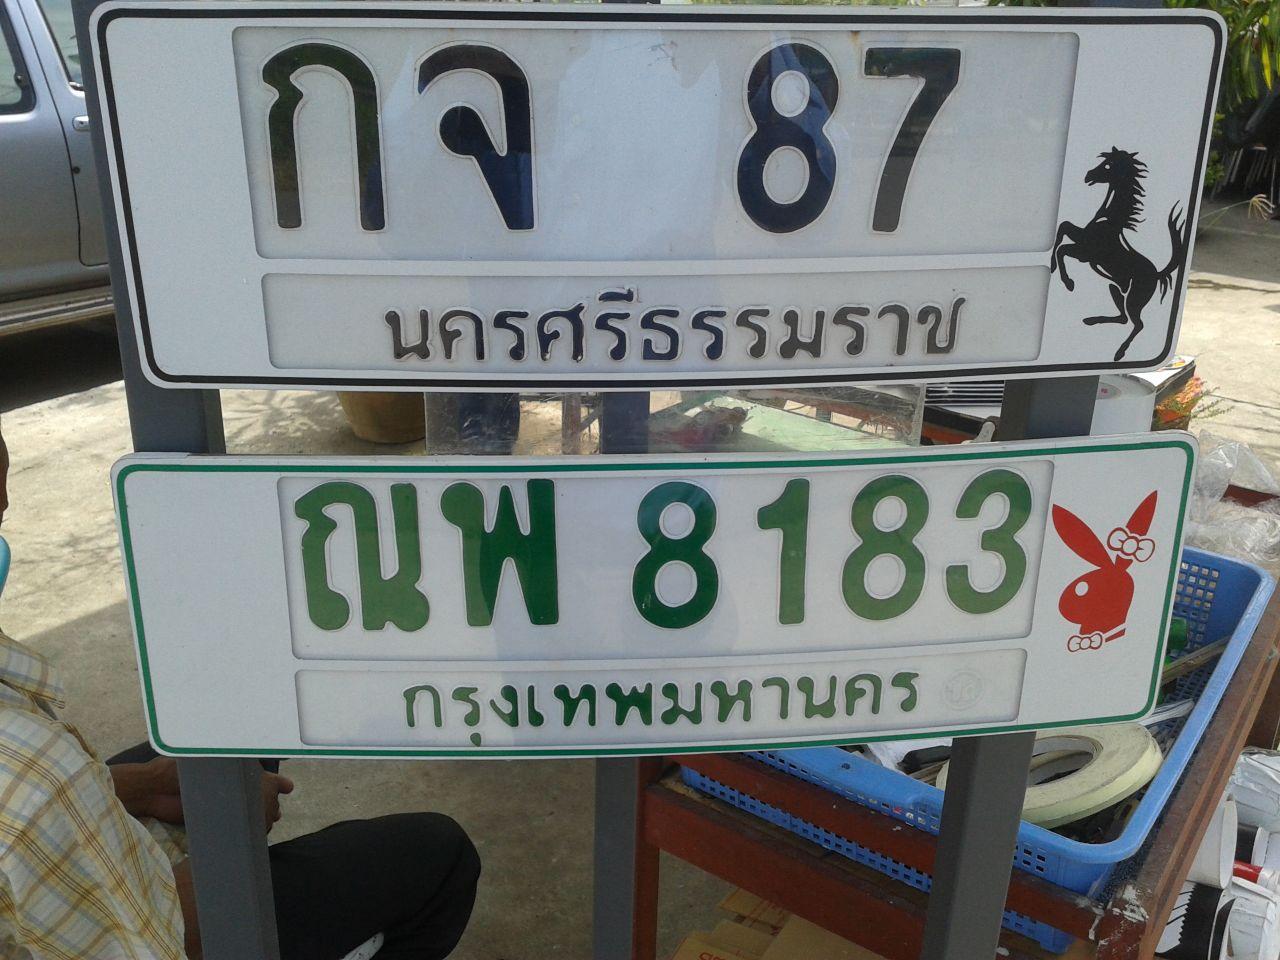 1e21ca2d2adde50e92a533ac49ca1225_2